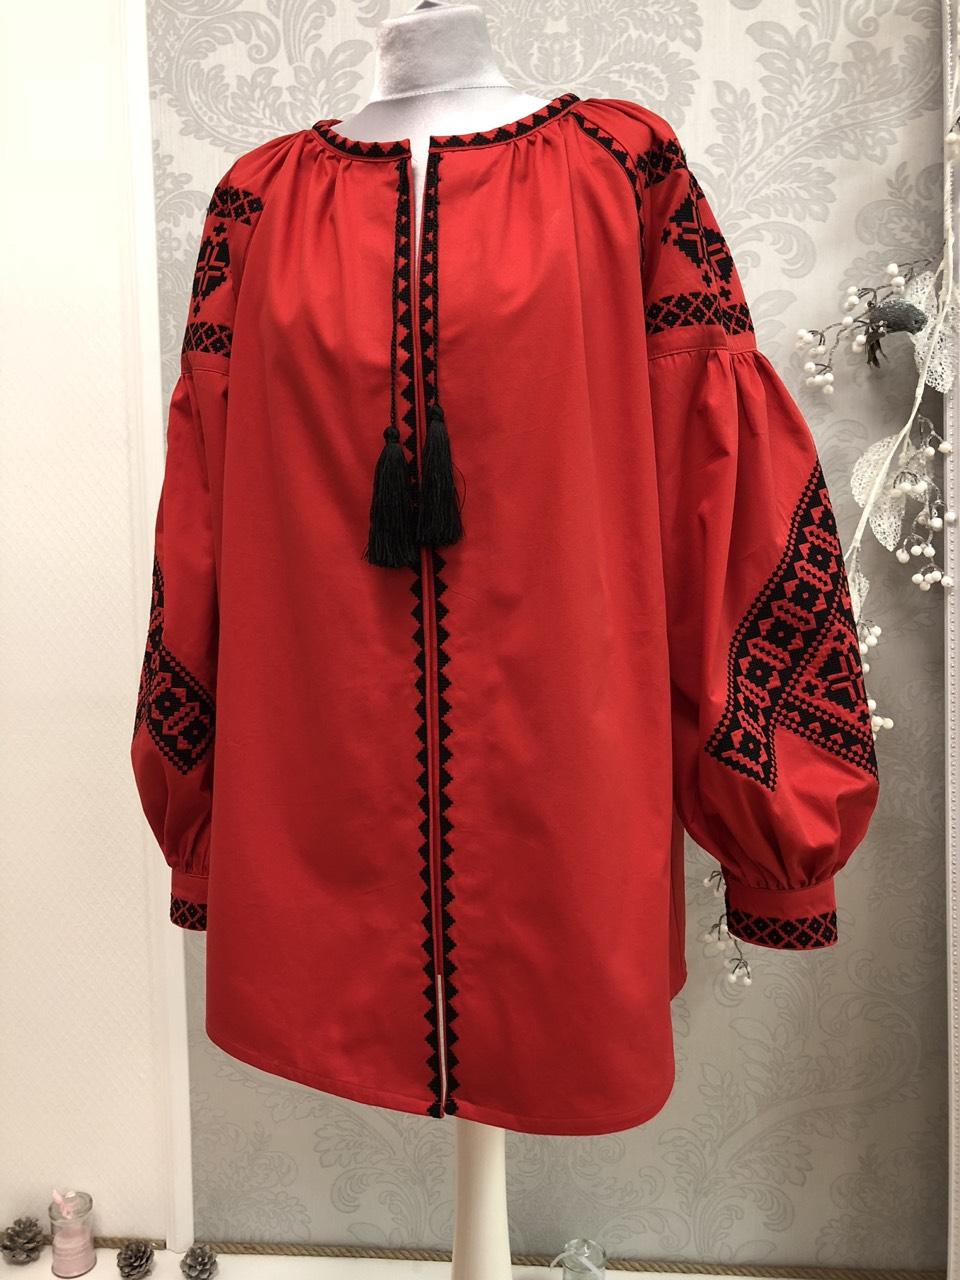 Фото Разработка модели , вышивка и пошив изделия по пожеланию заказчика.